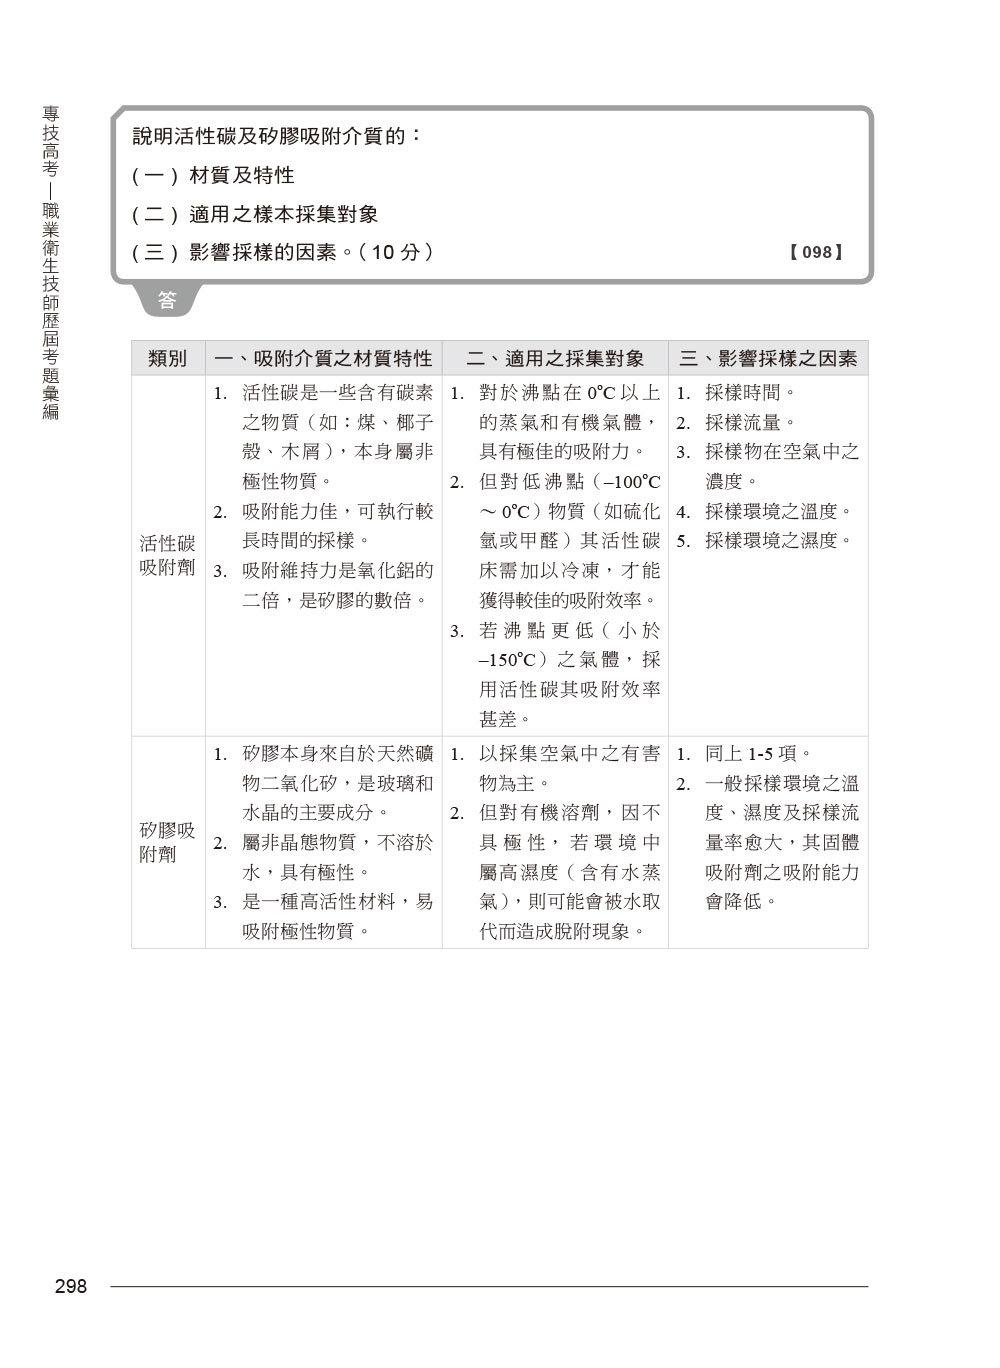 專技高考 -- 職業衛生技師歷屆考題彙編-preview-9